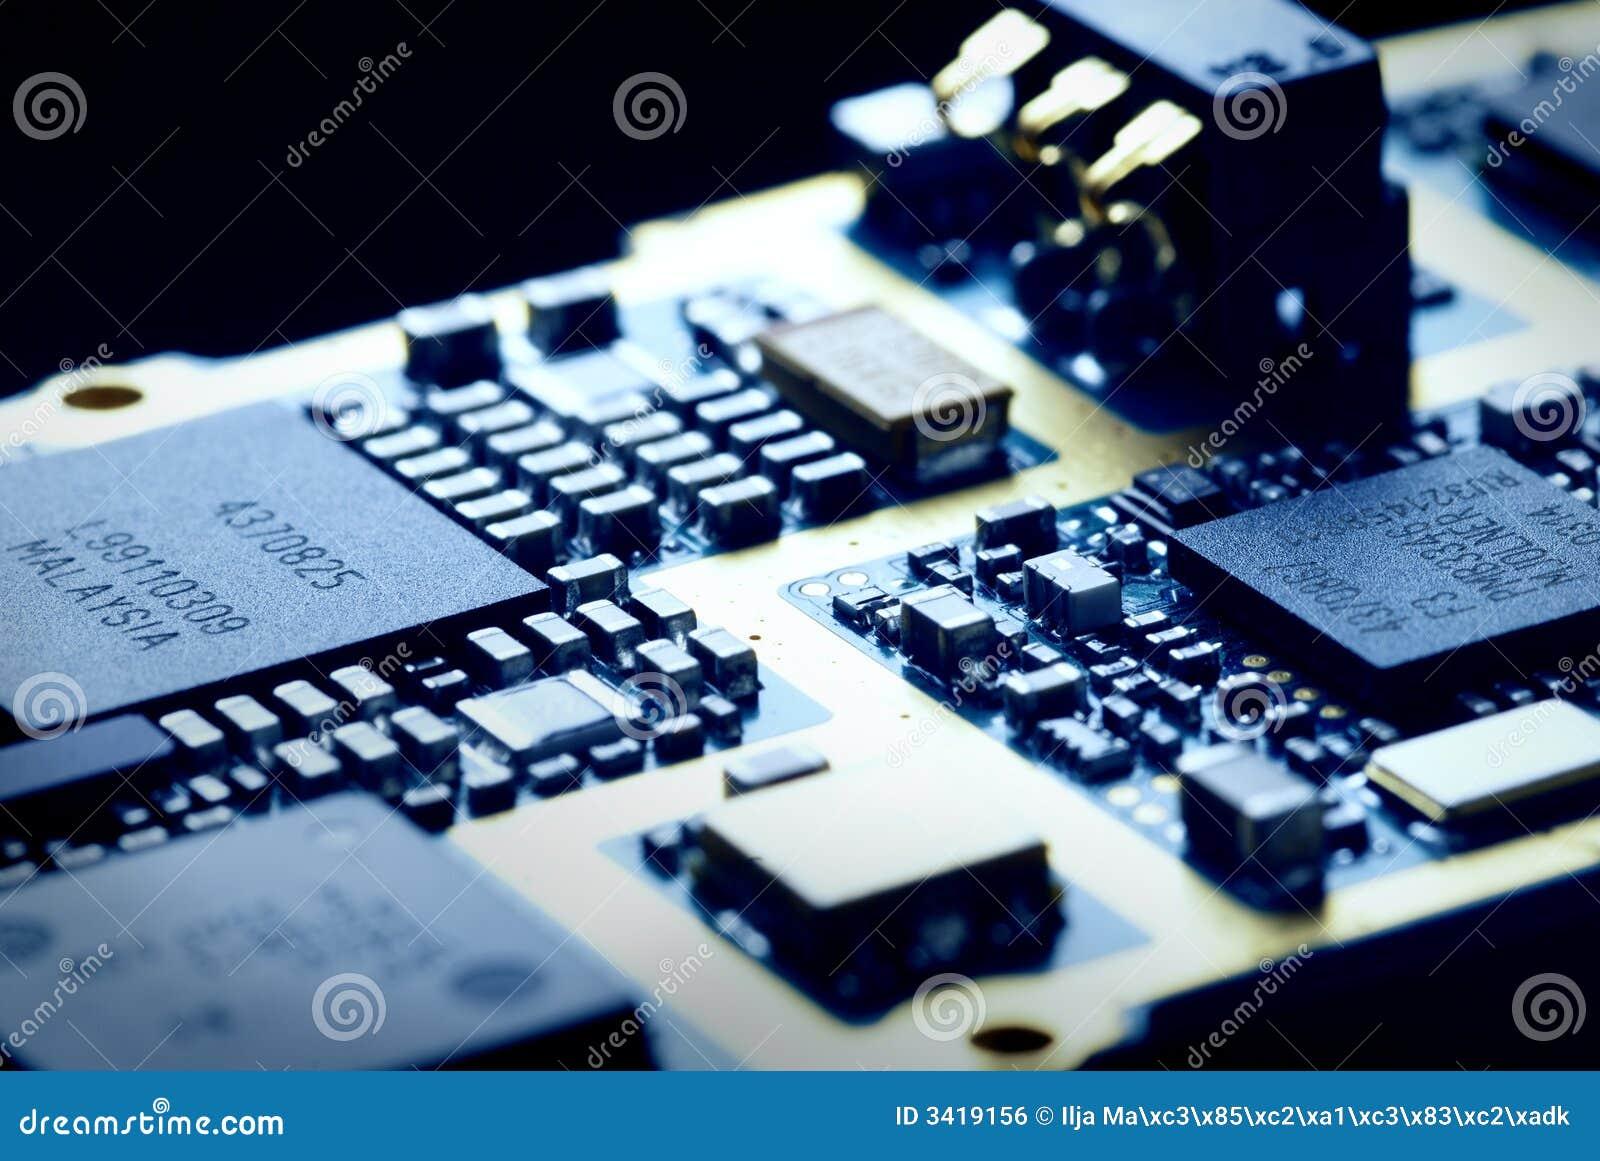 La tecnología de la electrónica